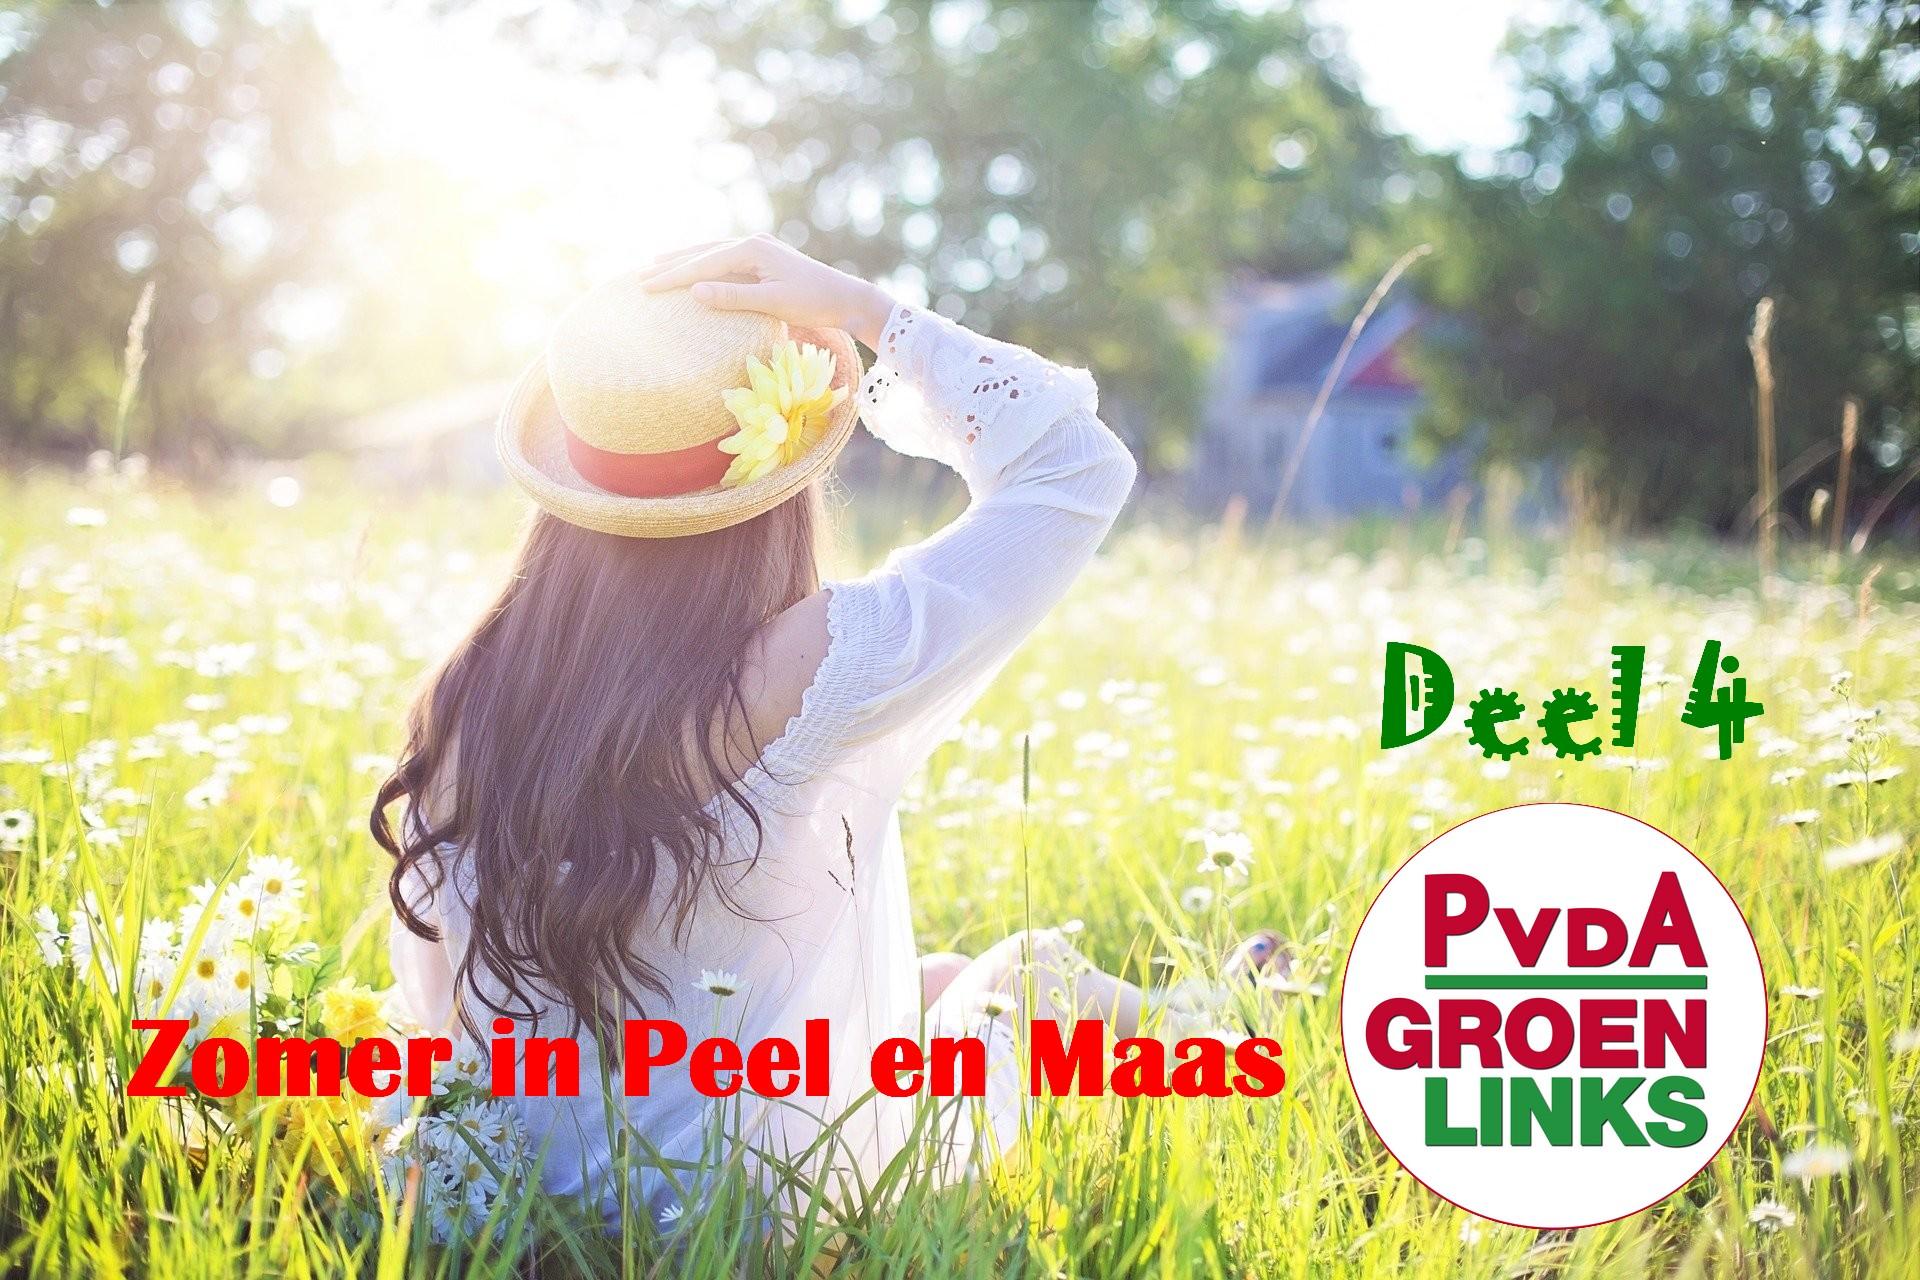 https://pvdagroenlinks.nl/zomer-in-peel-en-maas-deel-4-2/